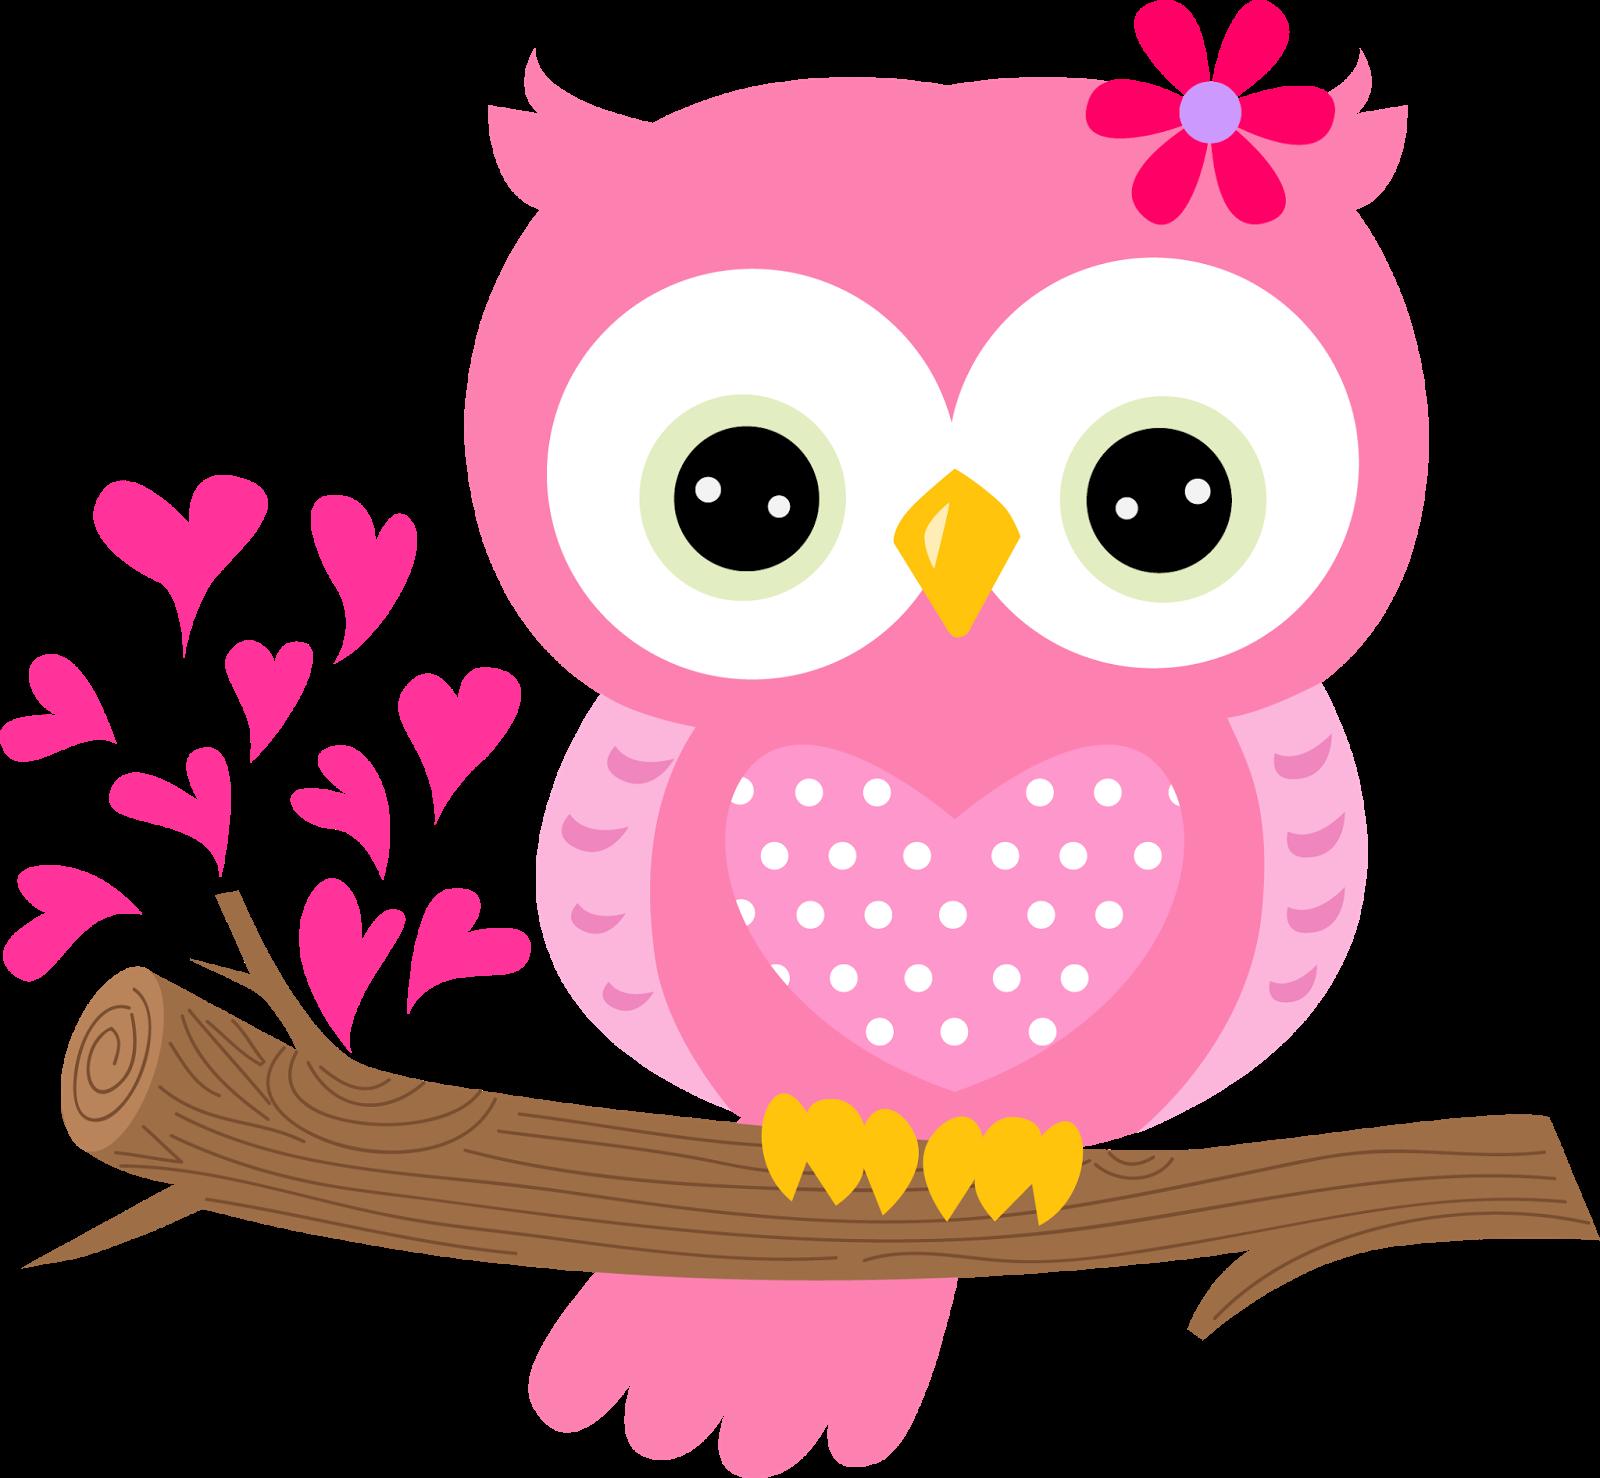 cute owl clip art - 900×840